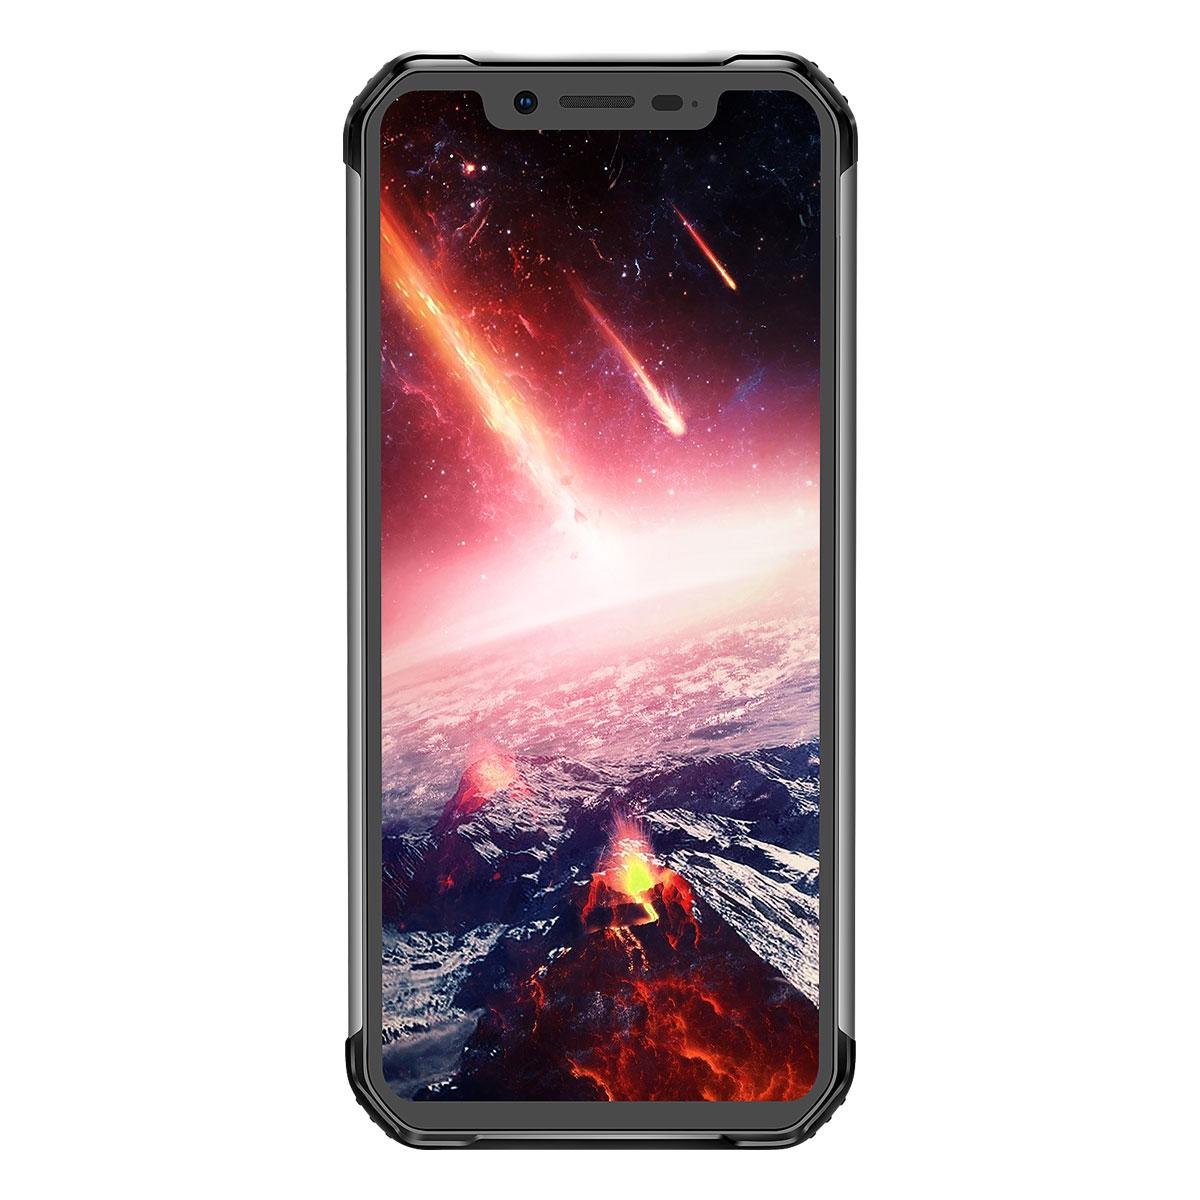 Сверхпрочный смартфон Blackview BV9600 Pro в НижнемТагиле